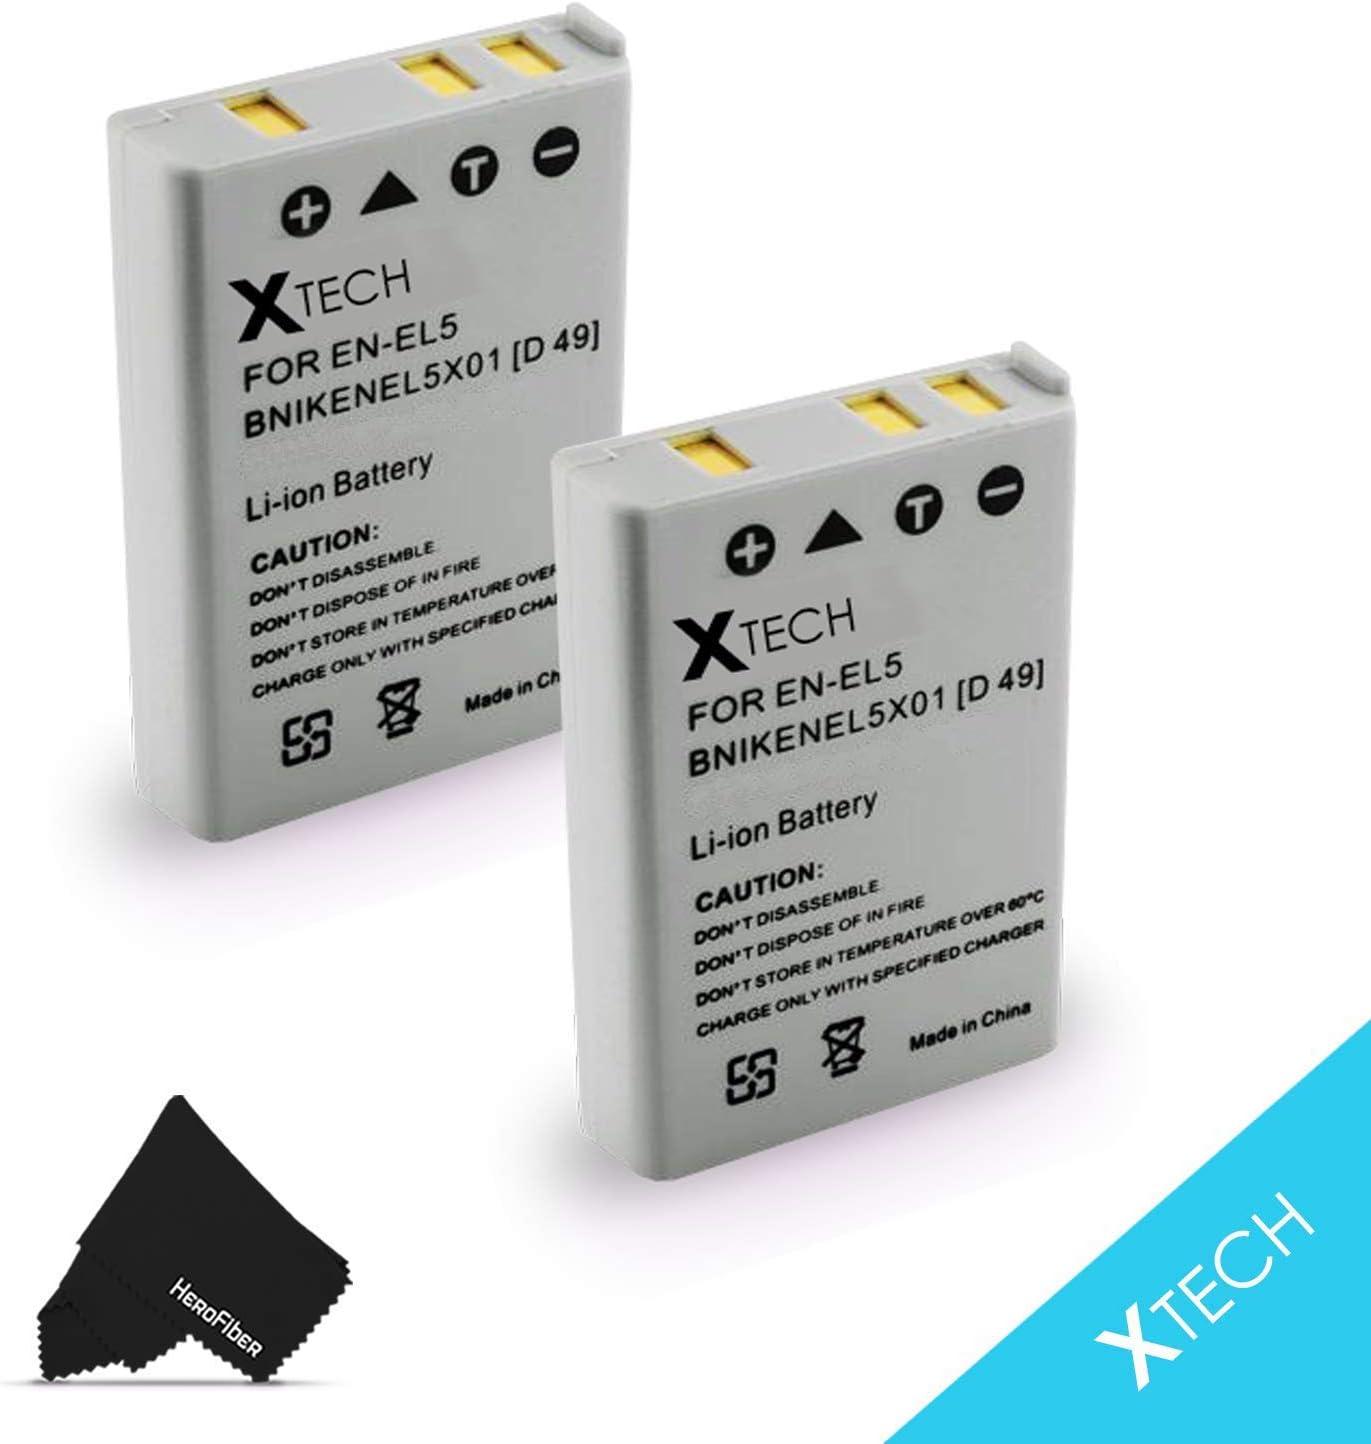 2 High Capacity Replacement Nikon EN-EL5 Batteries for Nikon Coolpix P3, P4, P80, P90, P100, P500, P510, P520, P530, P5000, P5100, P6000, S10, 3700, 4200, 5200, 5900, 7900 Digital Cameras